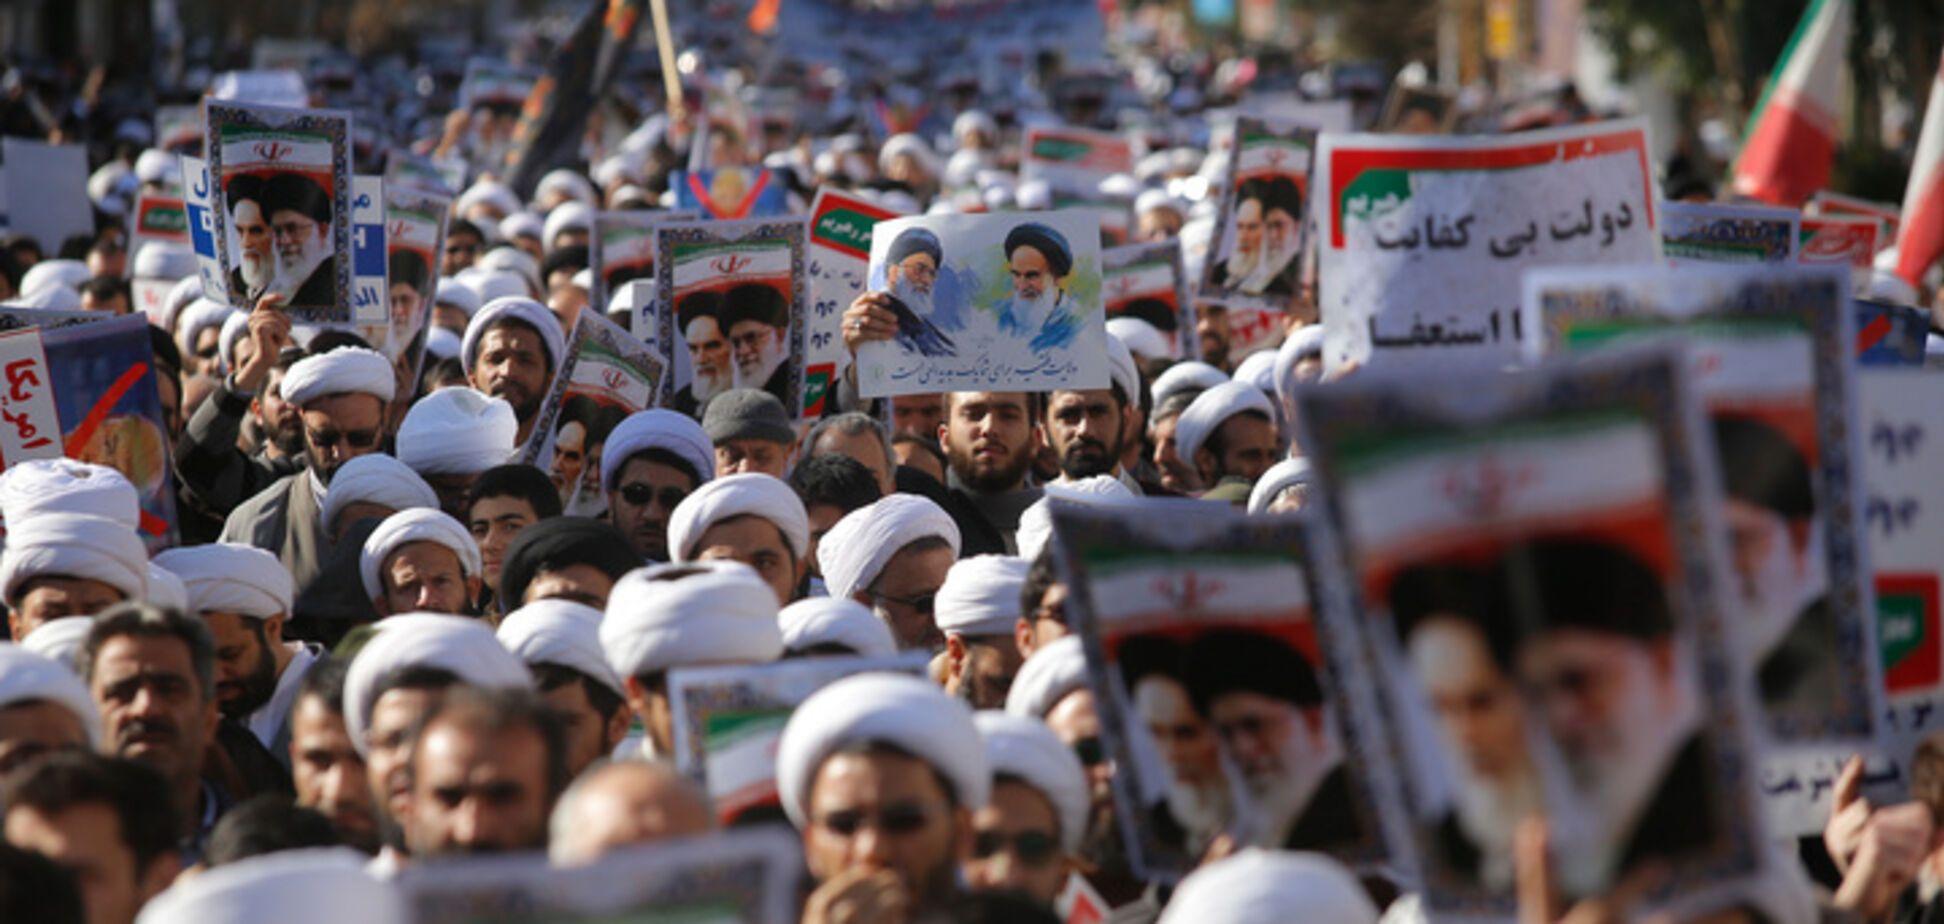 Іран: якщо за декілька тижнів протести не вщухнуть